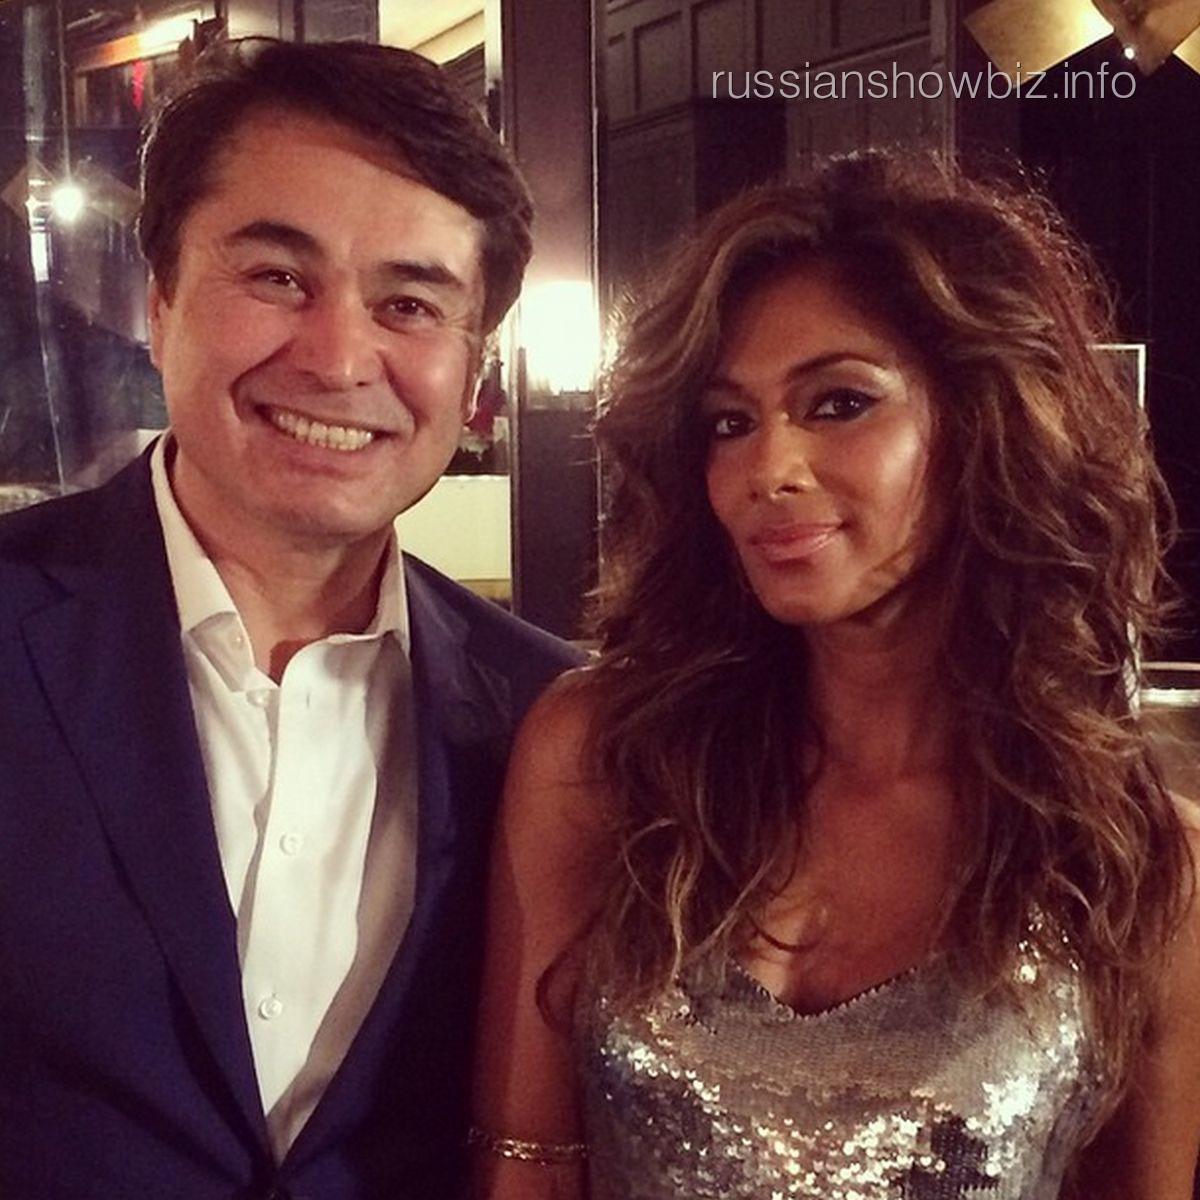 Арман Давлетьяров и Николь Шерзингер